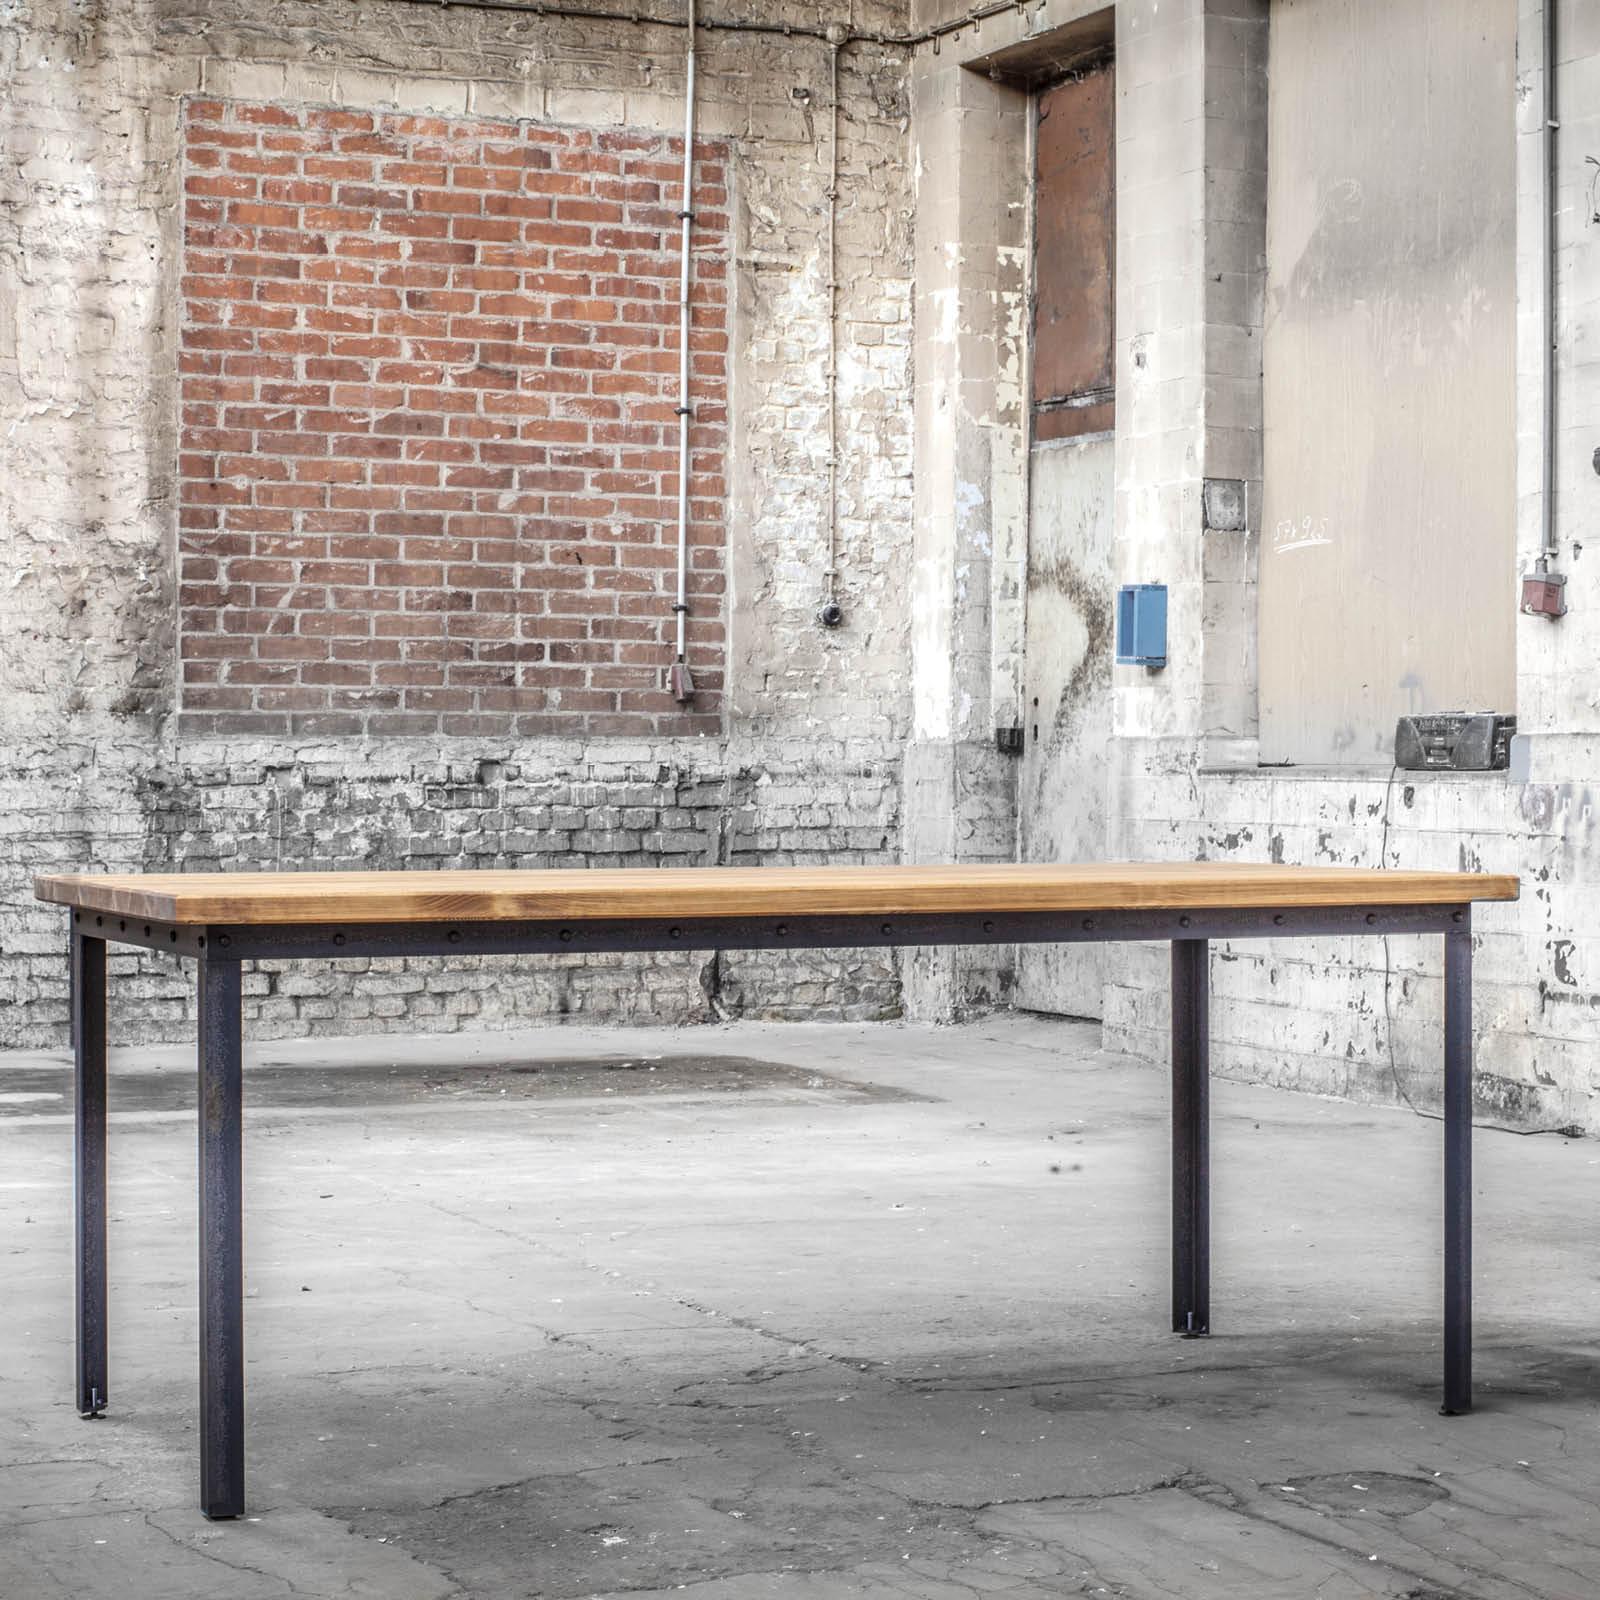 Full Size of Mini Esstisch A Tisch Pdas Einrichtungshaus Xxs In Willich Eiche 160 Ausziehbar Esstischstühle Massiv Pendelleuchte Glas Sägerau Mit Bank Weiss Landhausstil Wohnzimmer Mini Esstisch